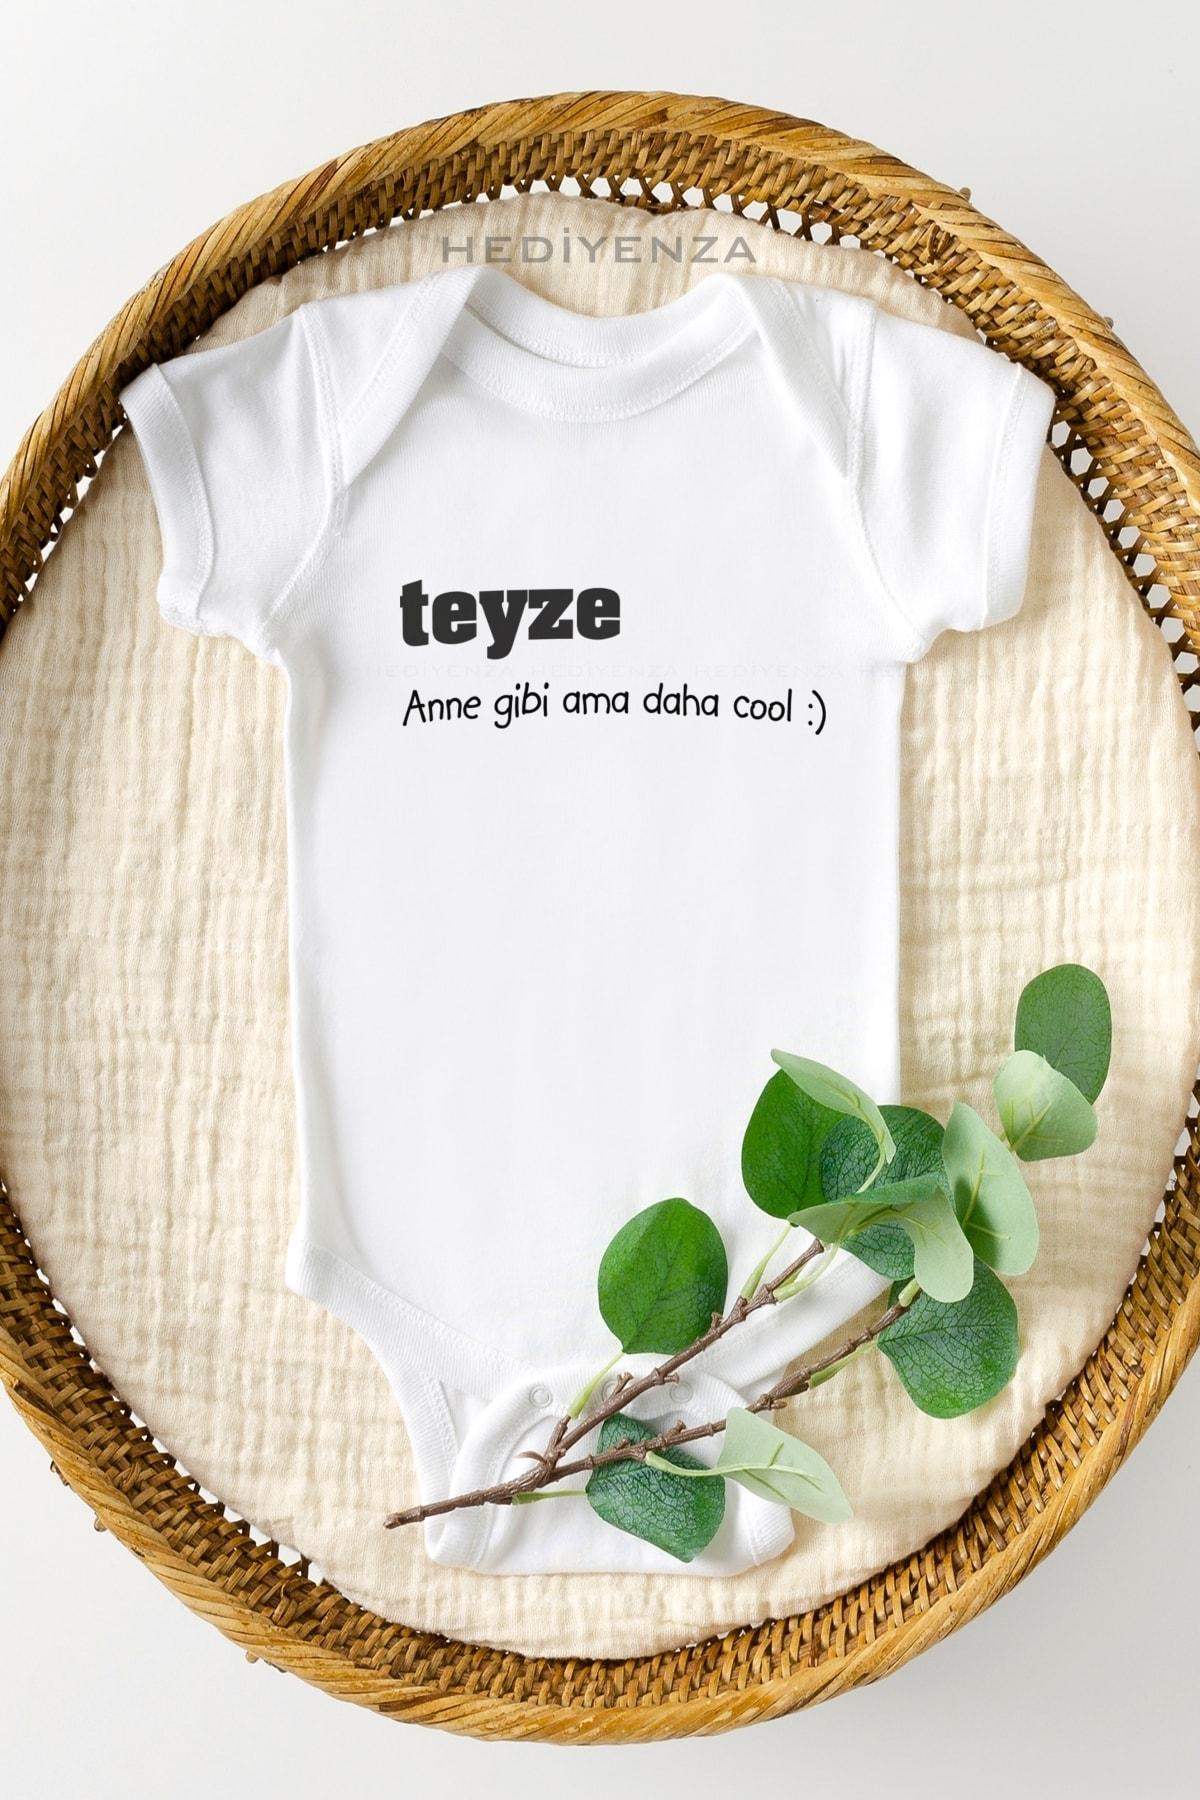 Hediyenza Teyze Anne Gibi Ama Daha Cool Baskılı Bebek Body Zıbın 1